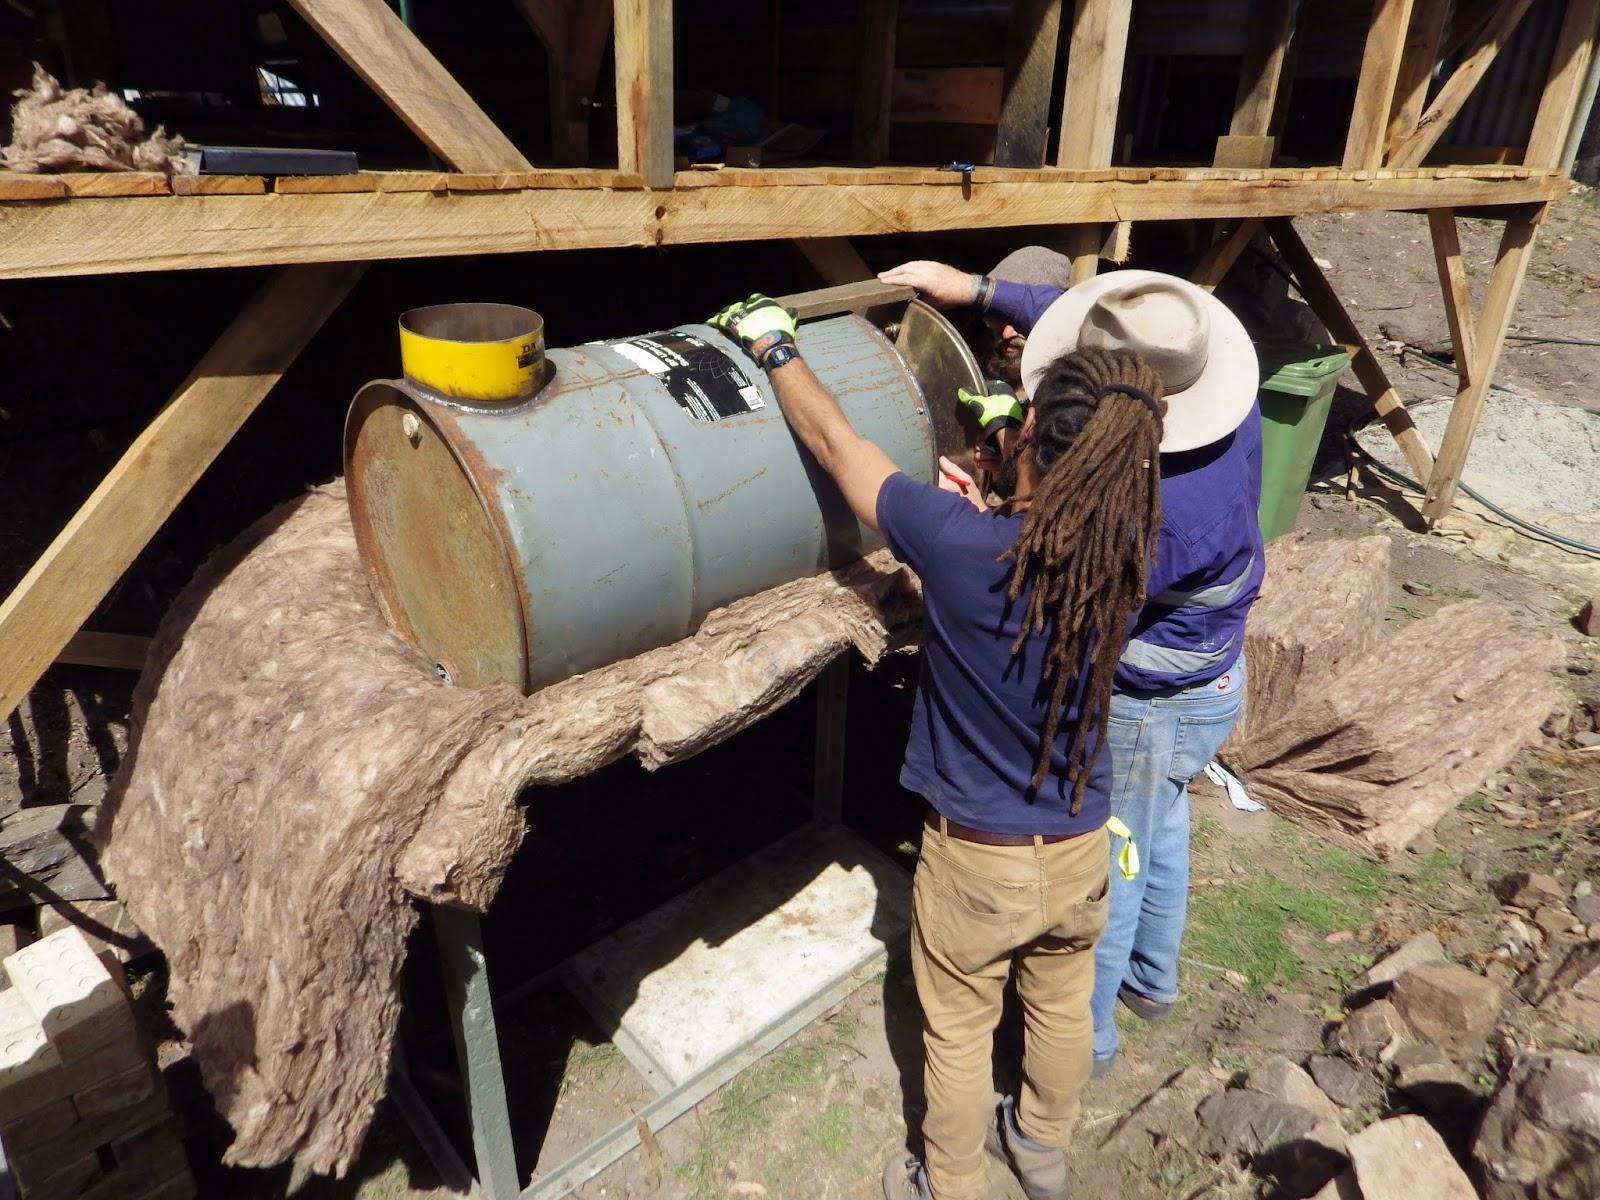 Un petit tour une alternative la permaculture for Chauffe eau piscine au bois